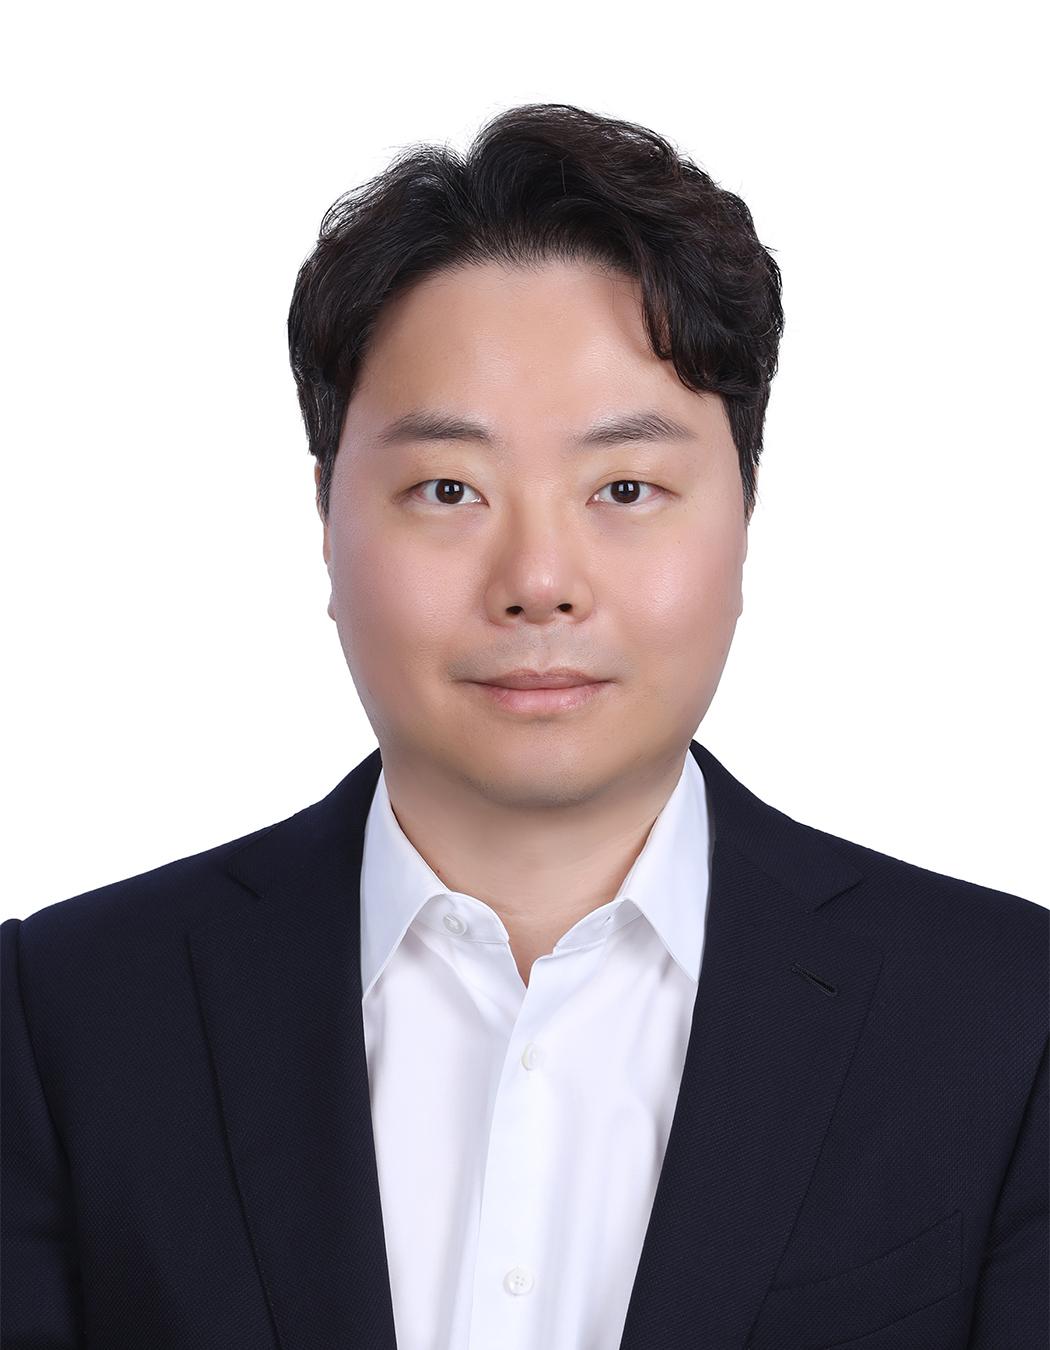 김우성 프로필 사진